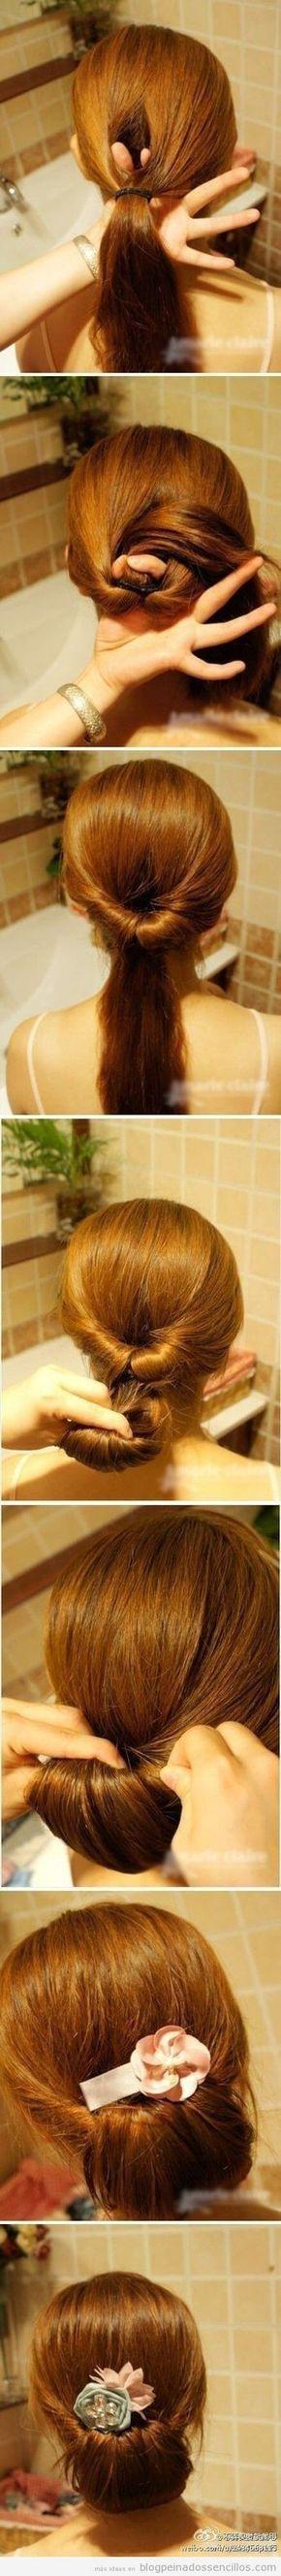 Idee per acconciature classiche e dolci per capelli lunghi